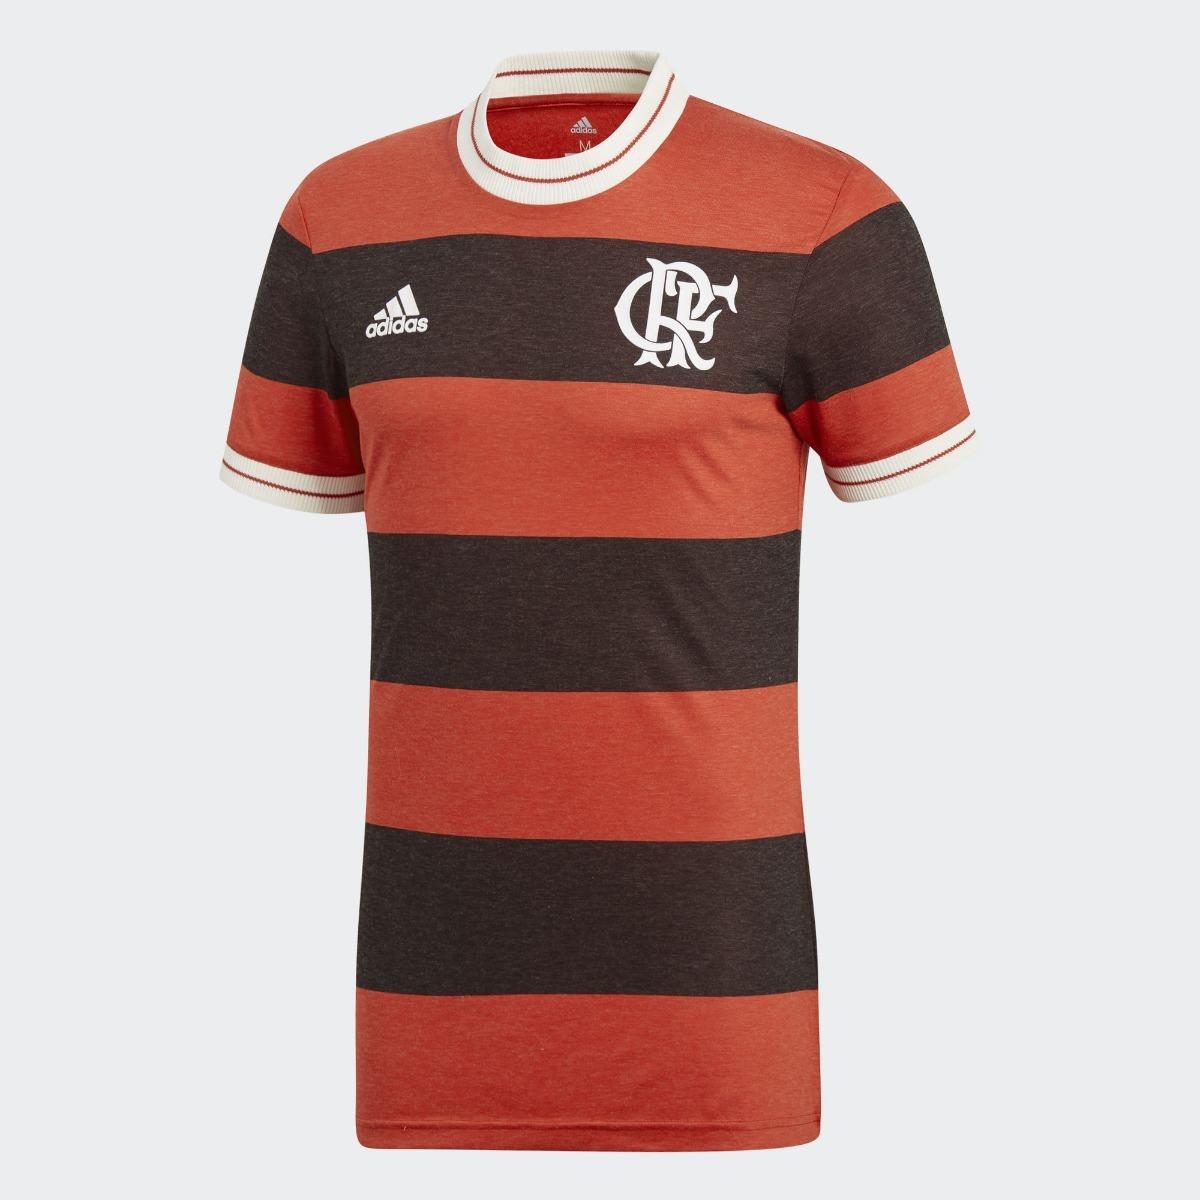 fd7bc75c05 nova camisa flamengo promoção envio imediato e frete gratis. Carregando  zoom.